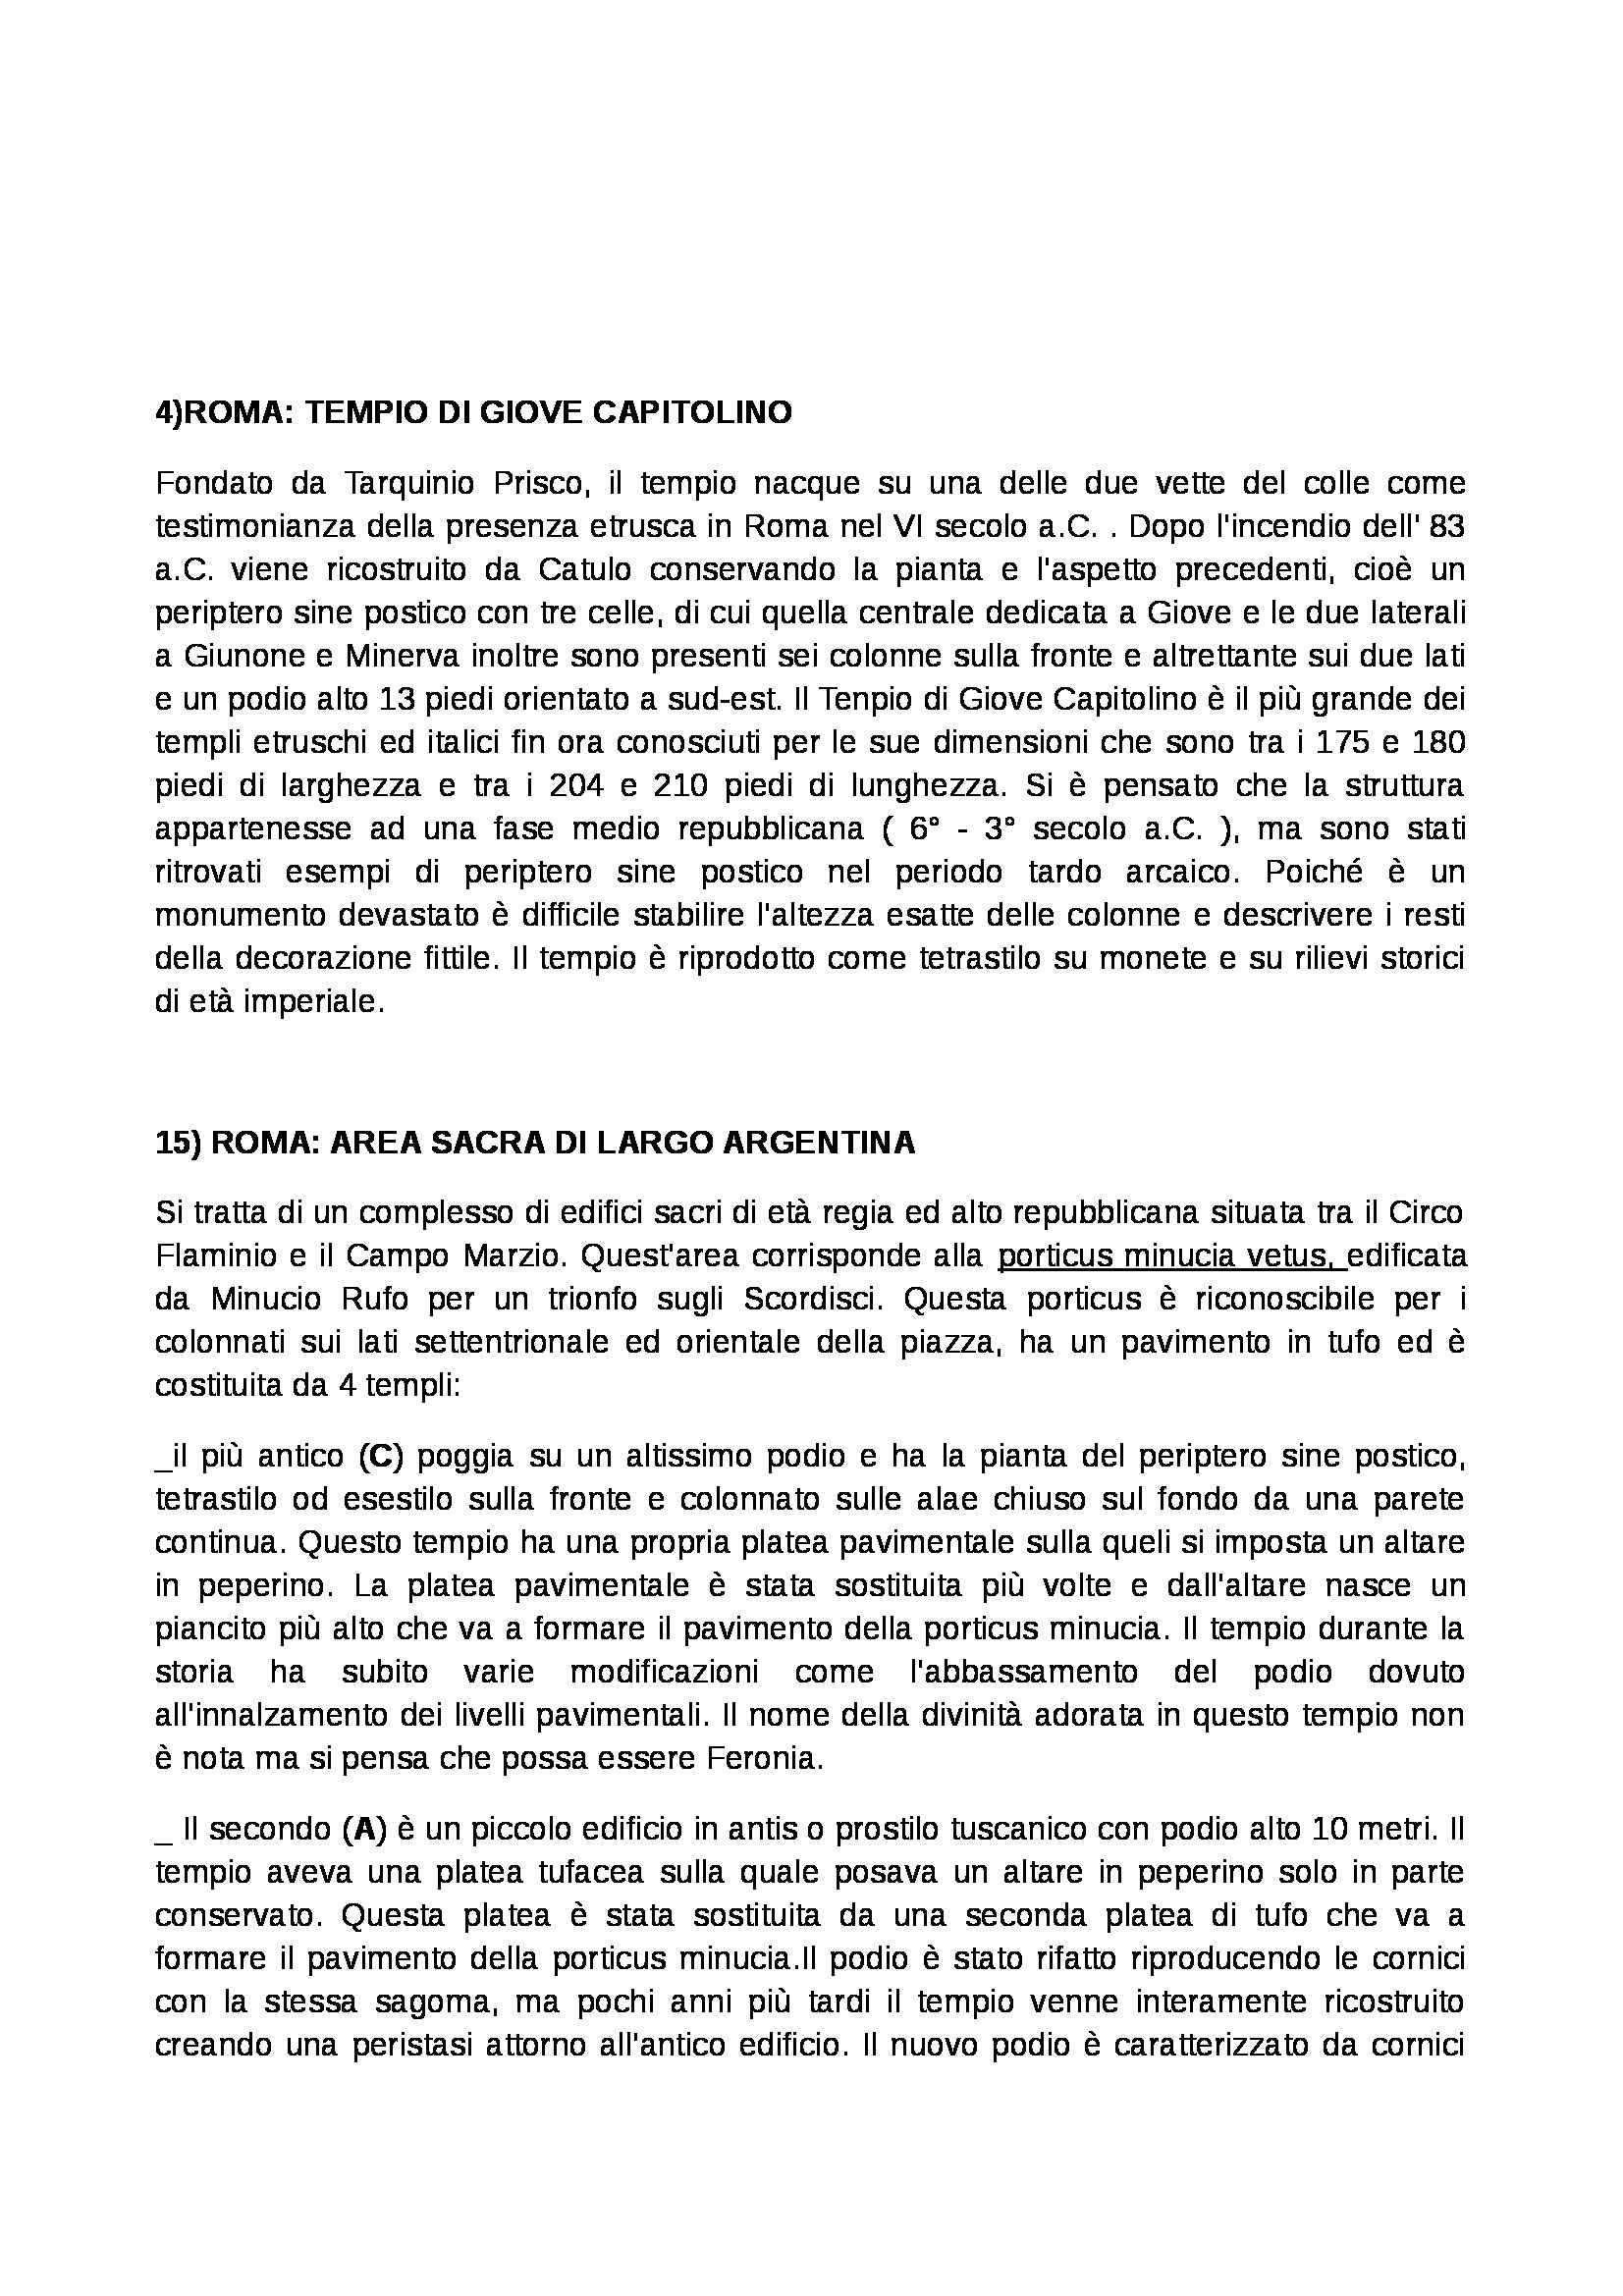 Archeologia e storia dell'arte romana - Appunti Pag. 2